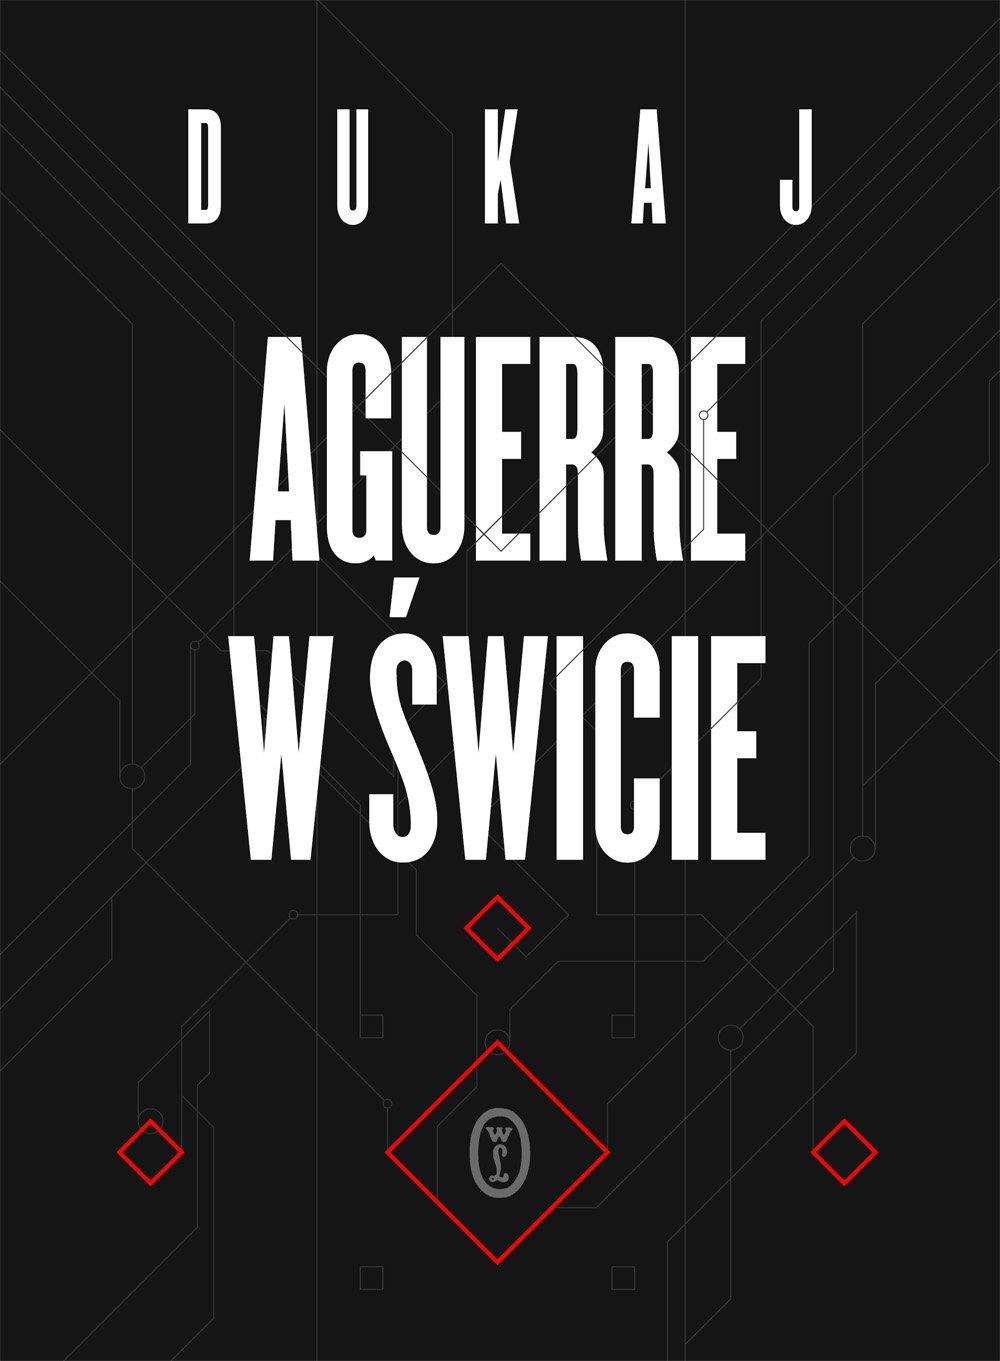 Aguerre w świcie - Ebook (Książka EPUB) do pobrania w formacie EPUB